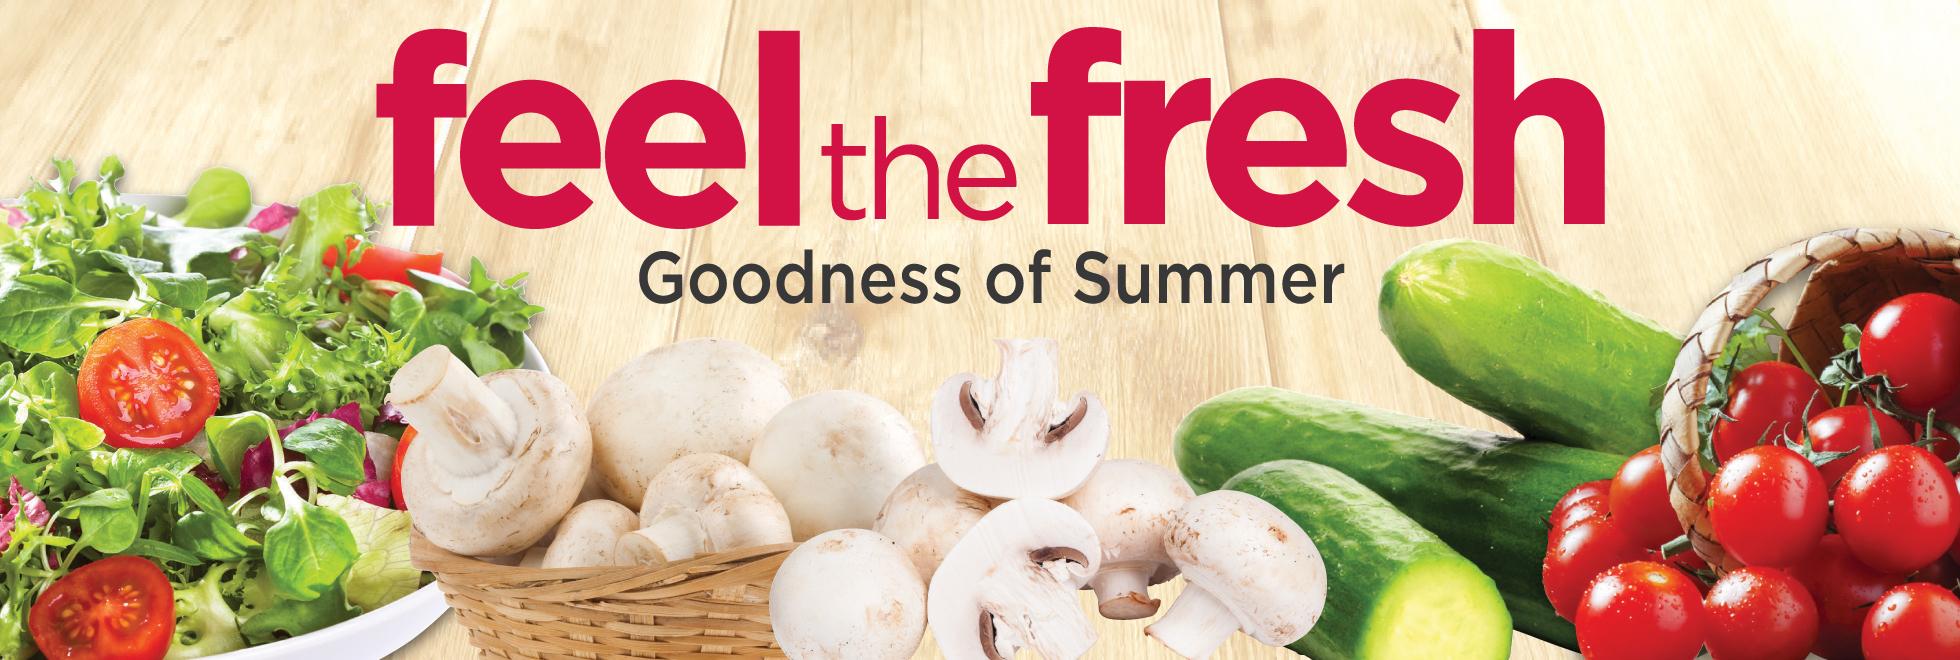 Feel the Fresh Goodness of Summer